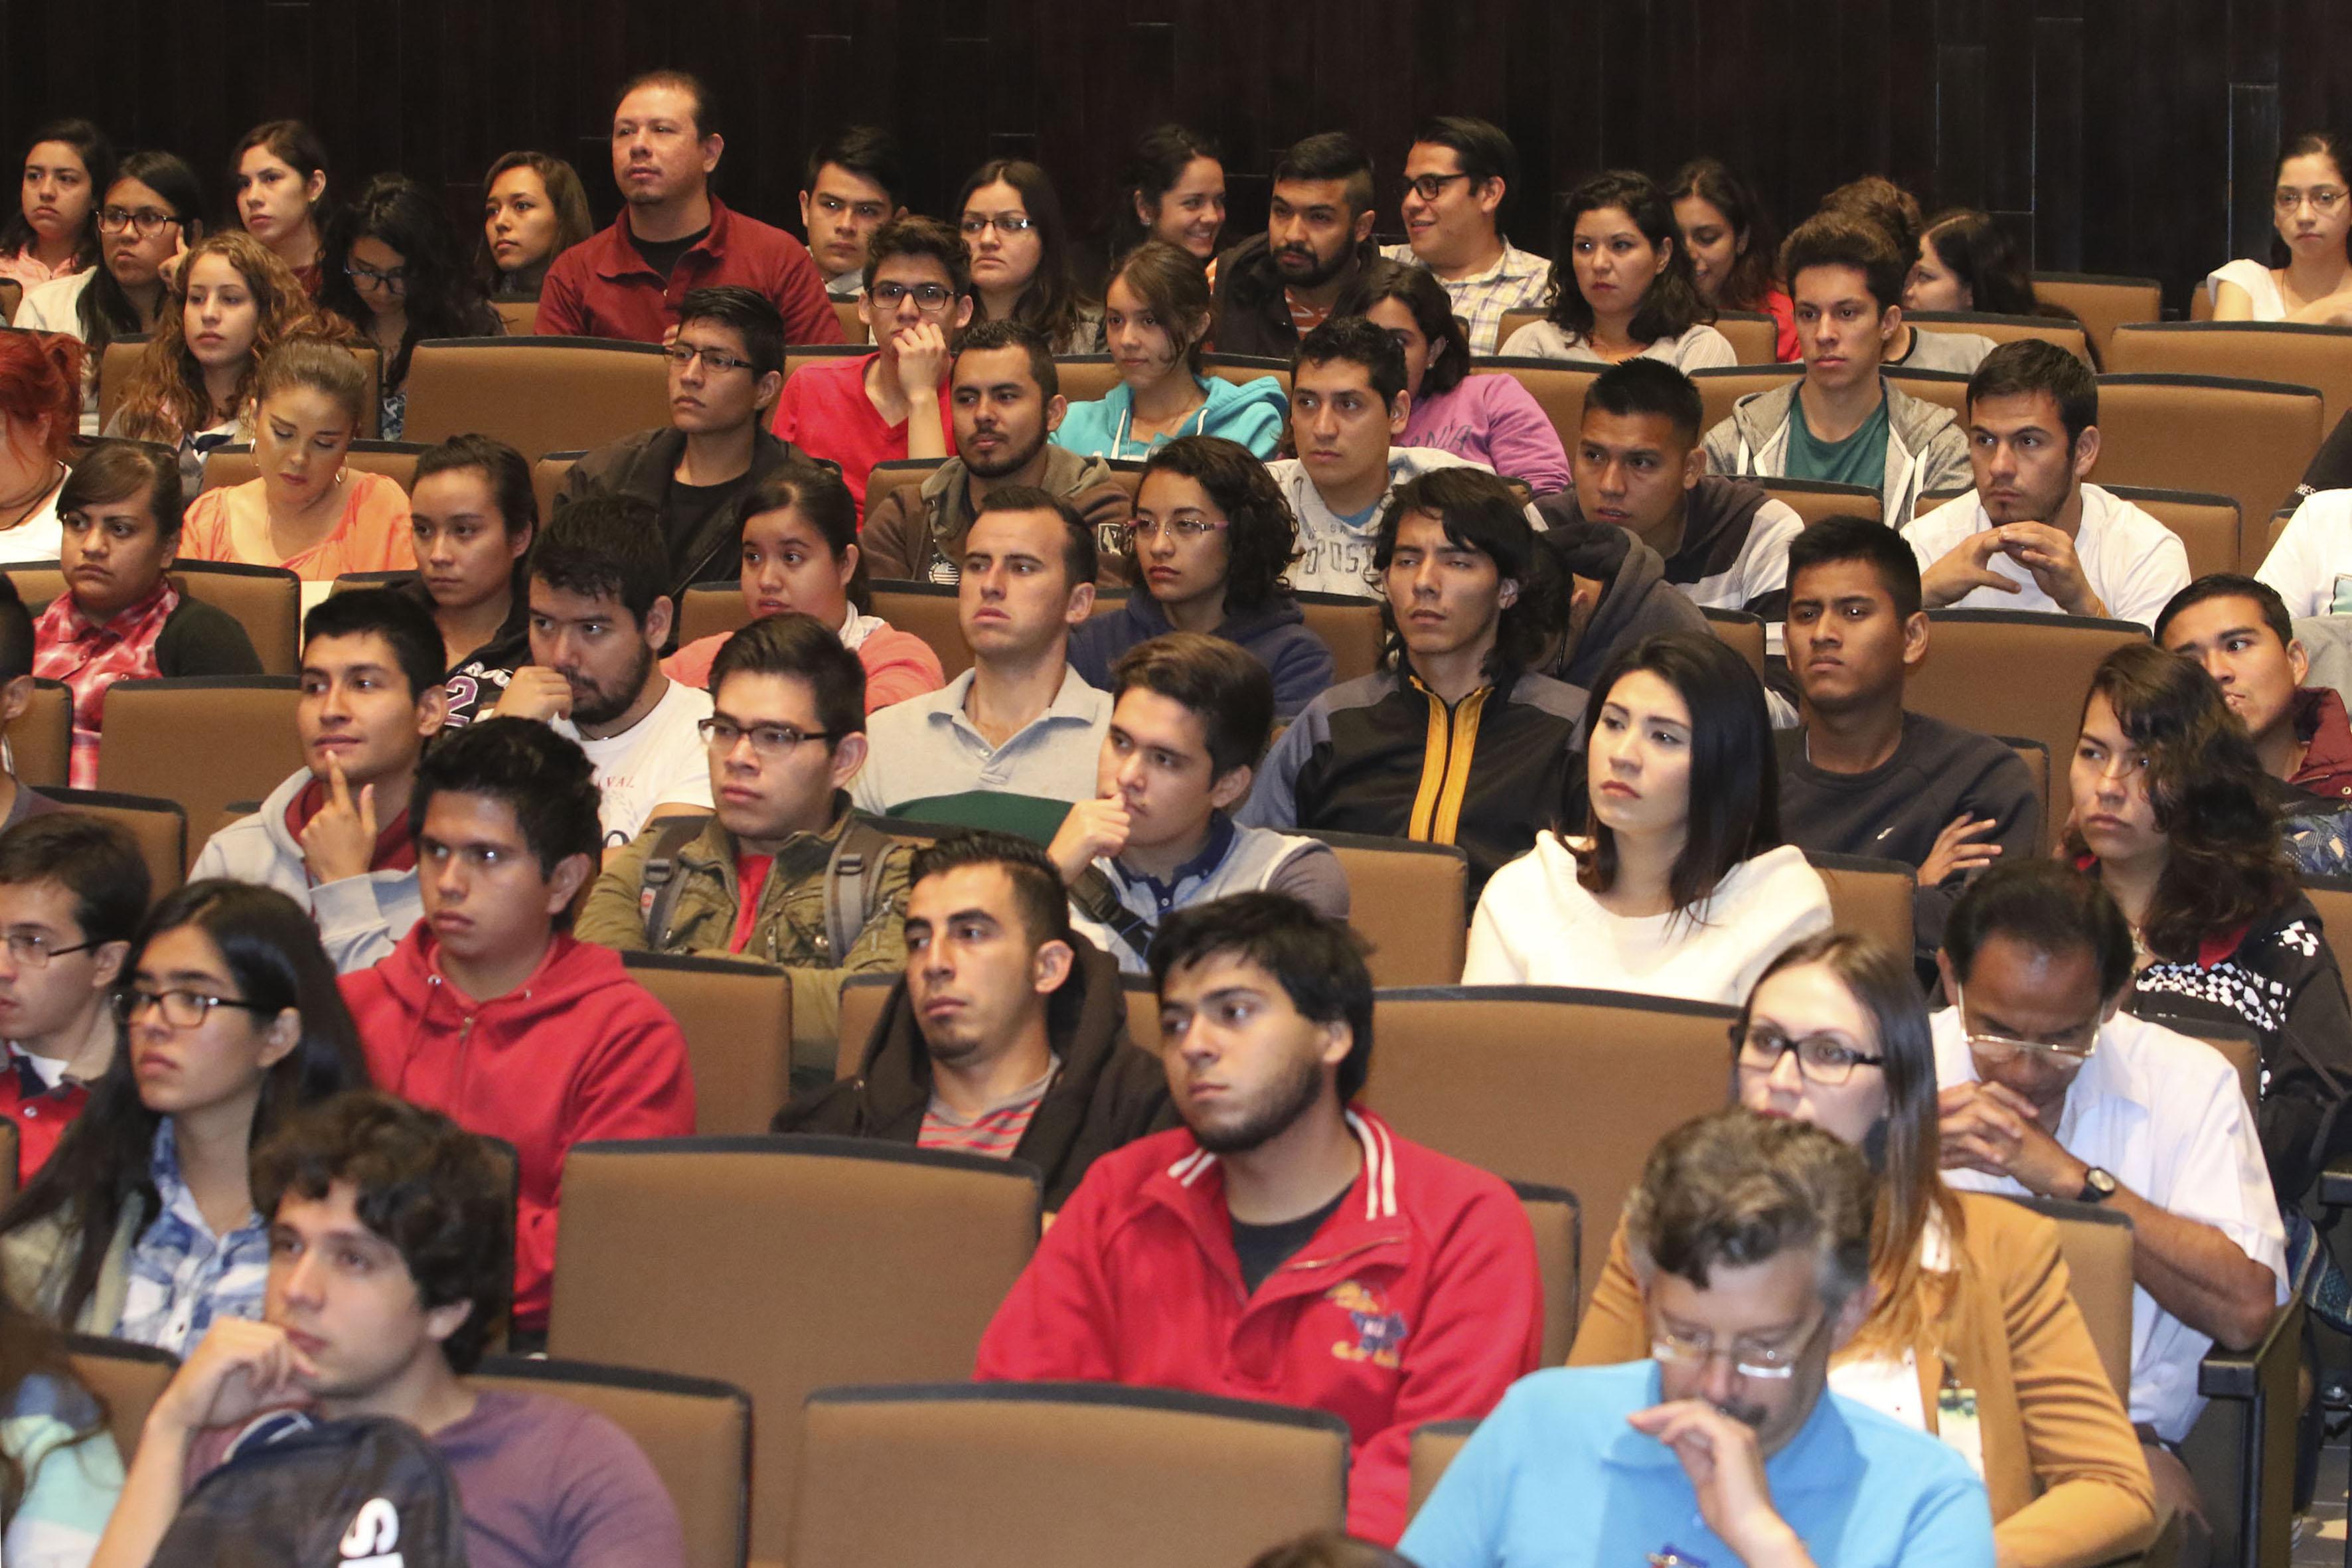 Público asistente a la ceremonia de inaguración de las jornadas de cartilla universitaria, celebrado en el auditorio del CUCEI.